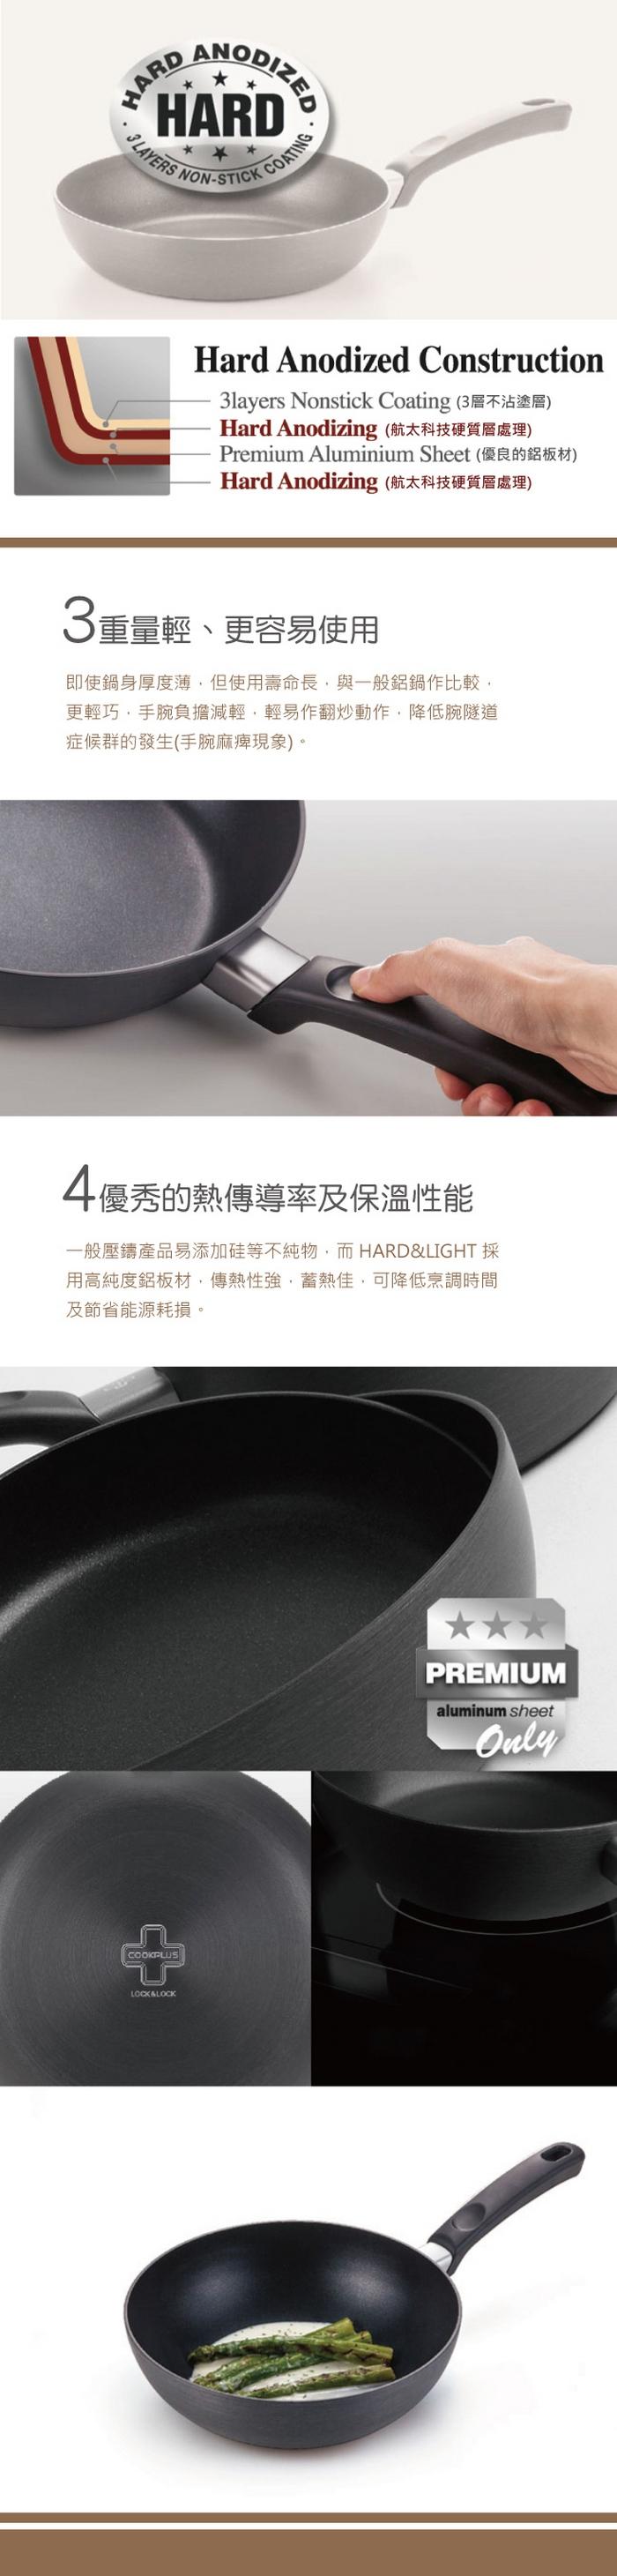 樂扣樂扣HARD&LIGHT輕鬆煮 28CM不沾平煎鍋 LHB2283|鍋具|特力家購物網